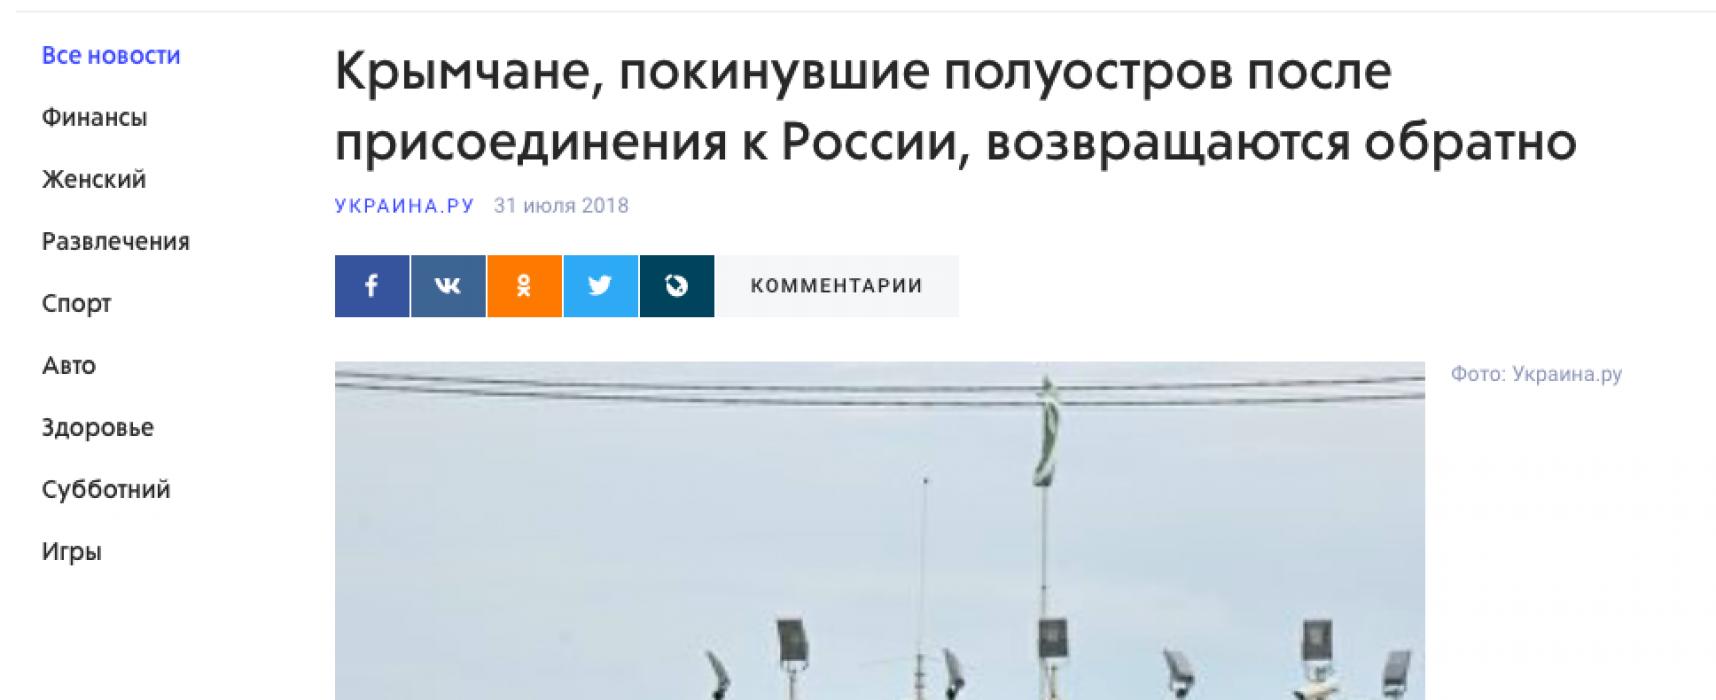 Fake: Obyvatelé Krymu, kteří se po anexi odstěhovali, se vrací na poloostrov